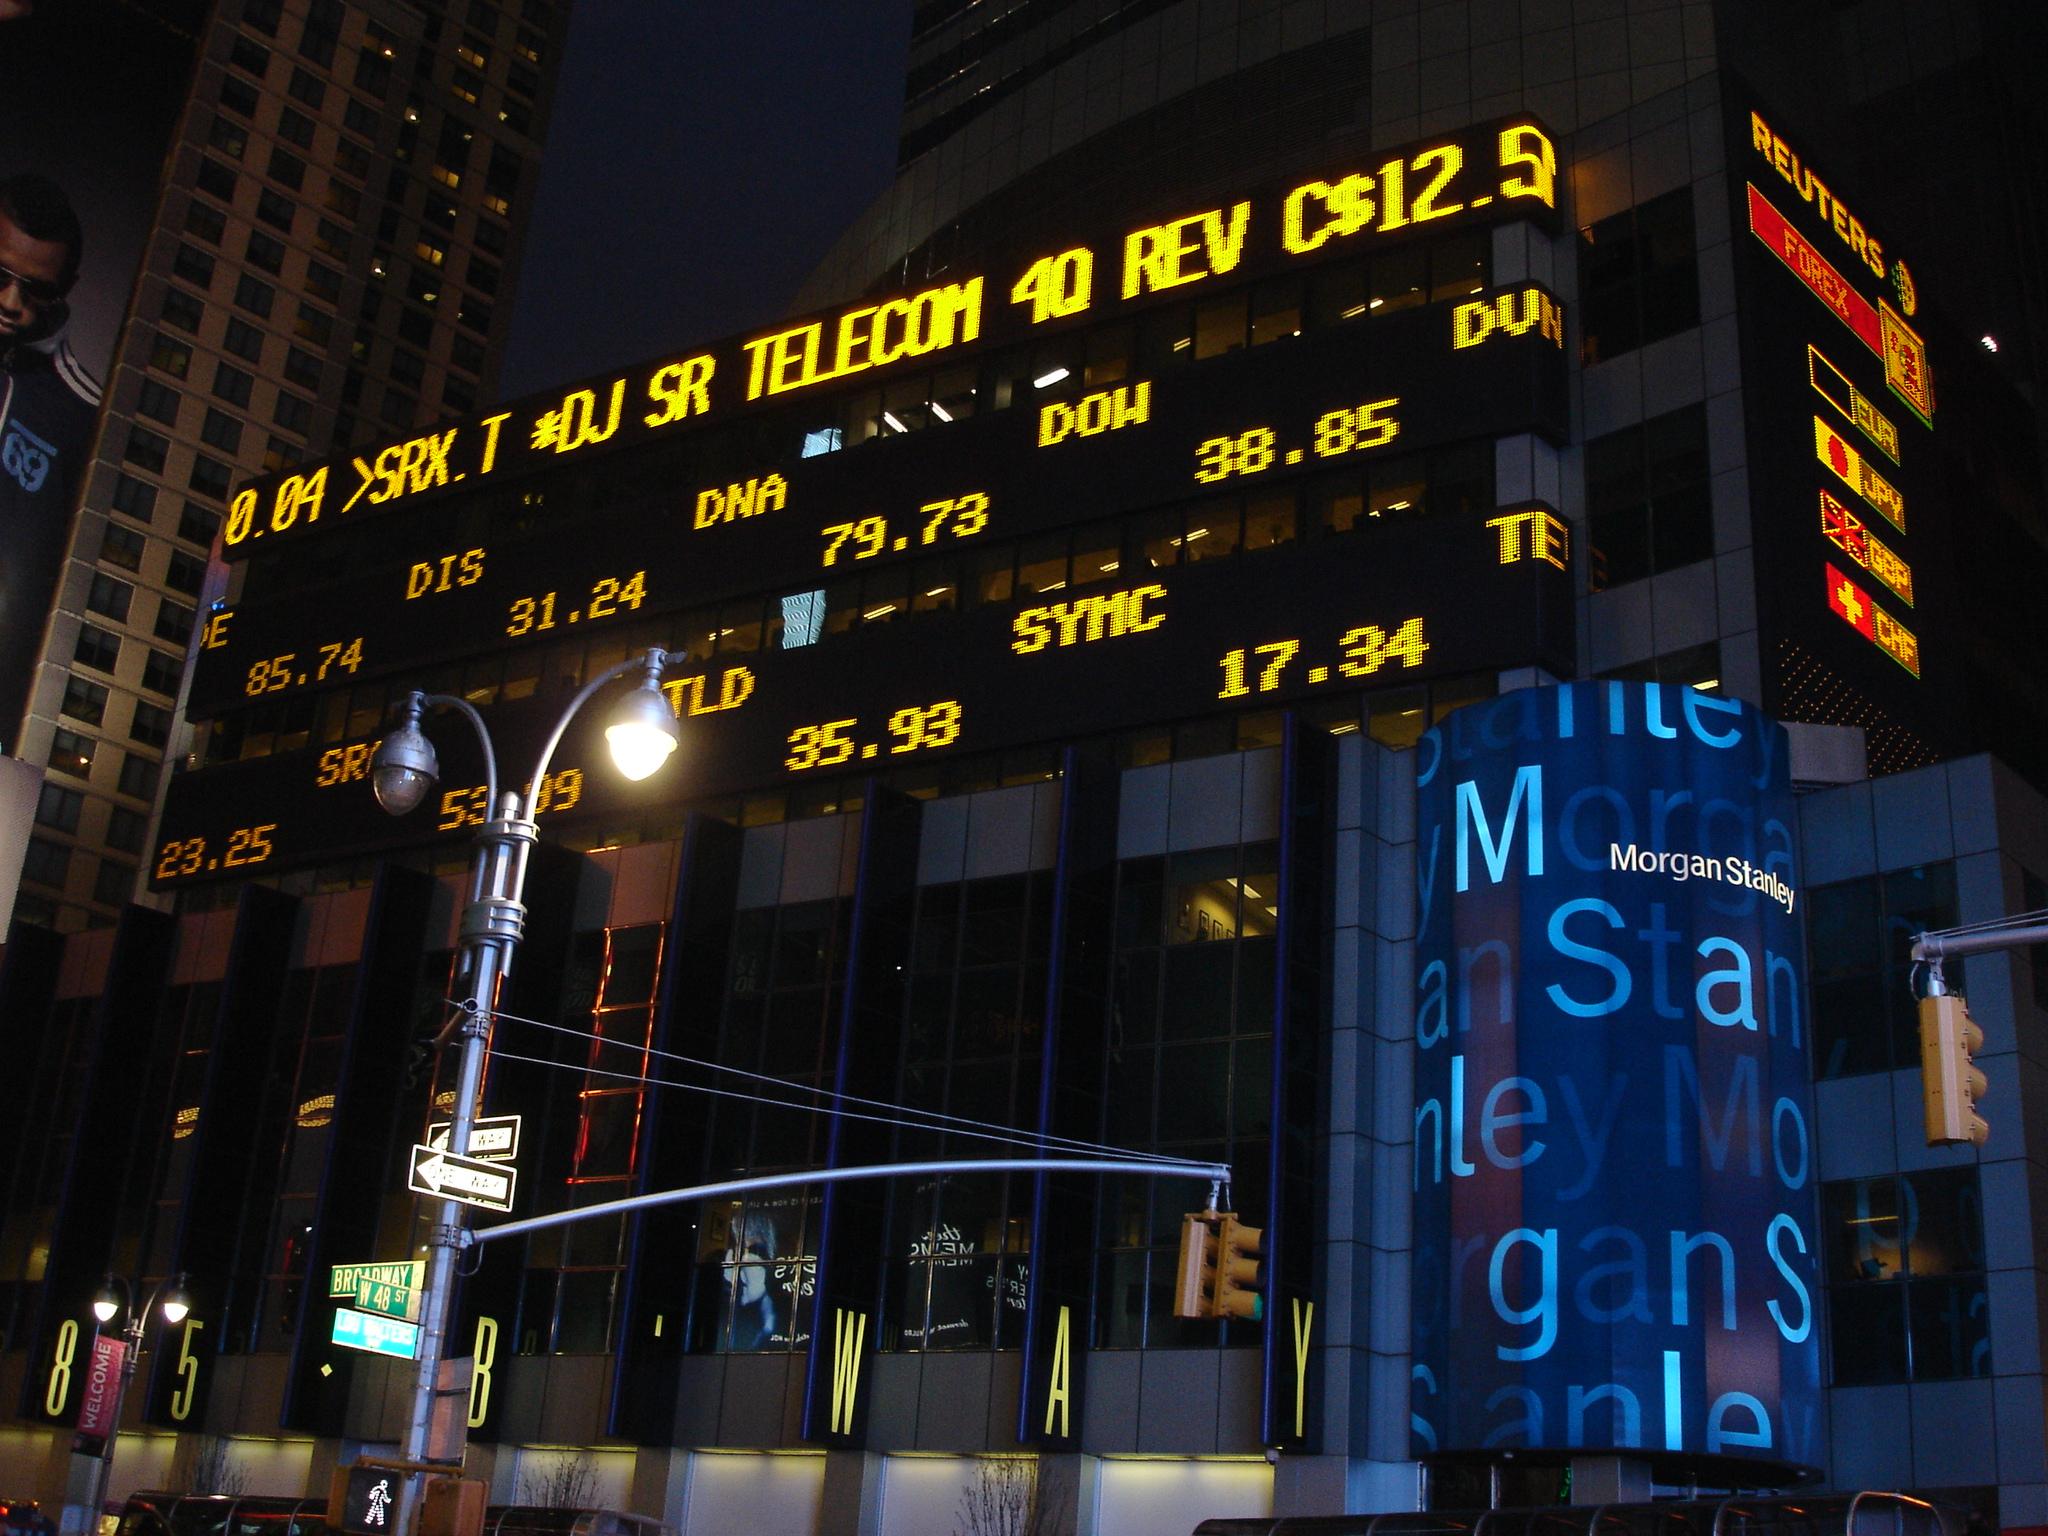 Morgan Stanleystä tulee ensimmäinen merkittävä Bitcoin-sijoituksia tukeva pankki USA:ssa